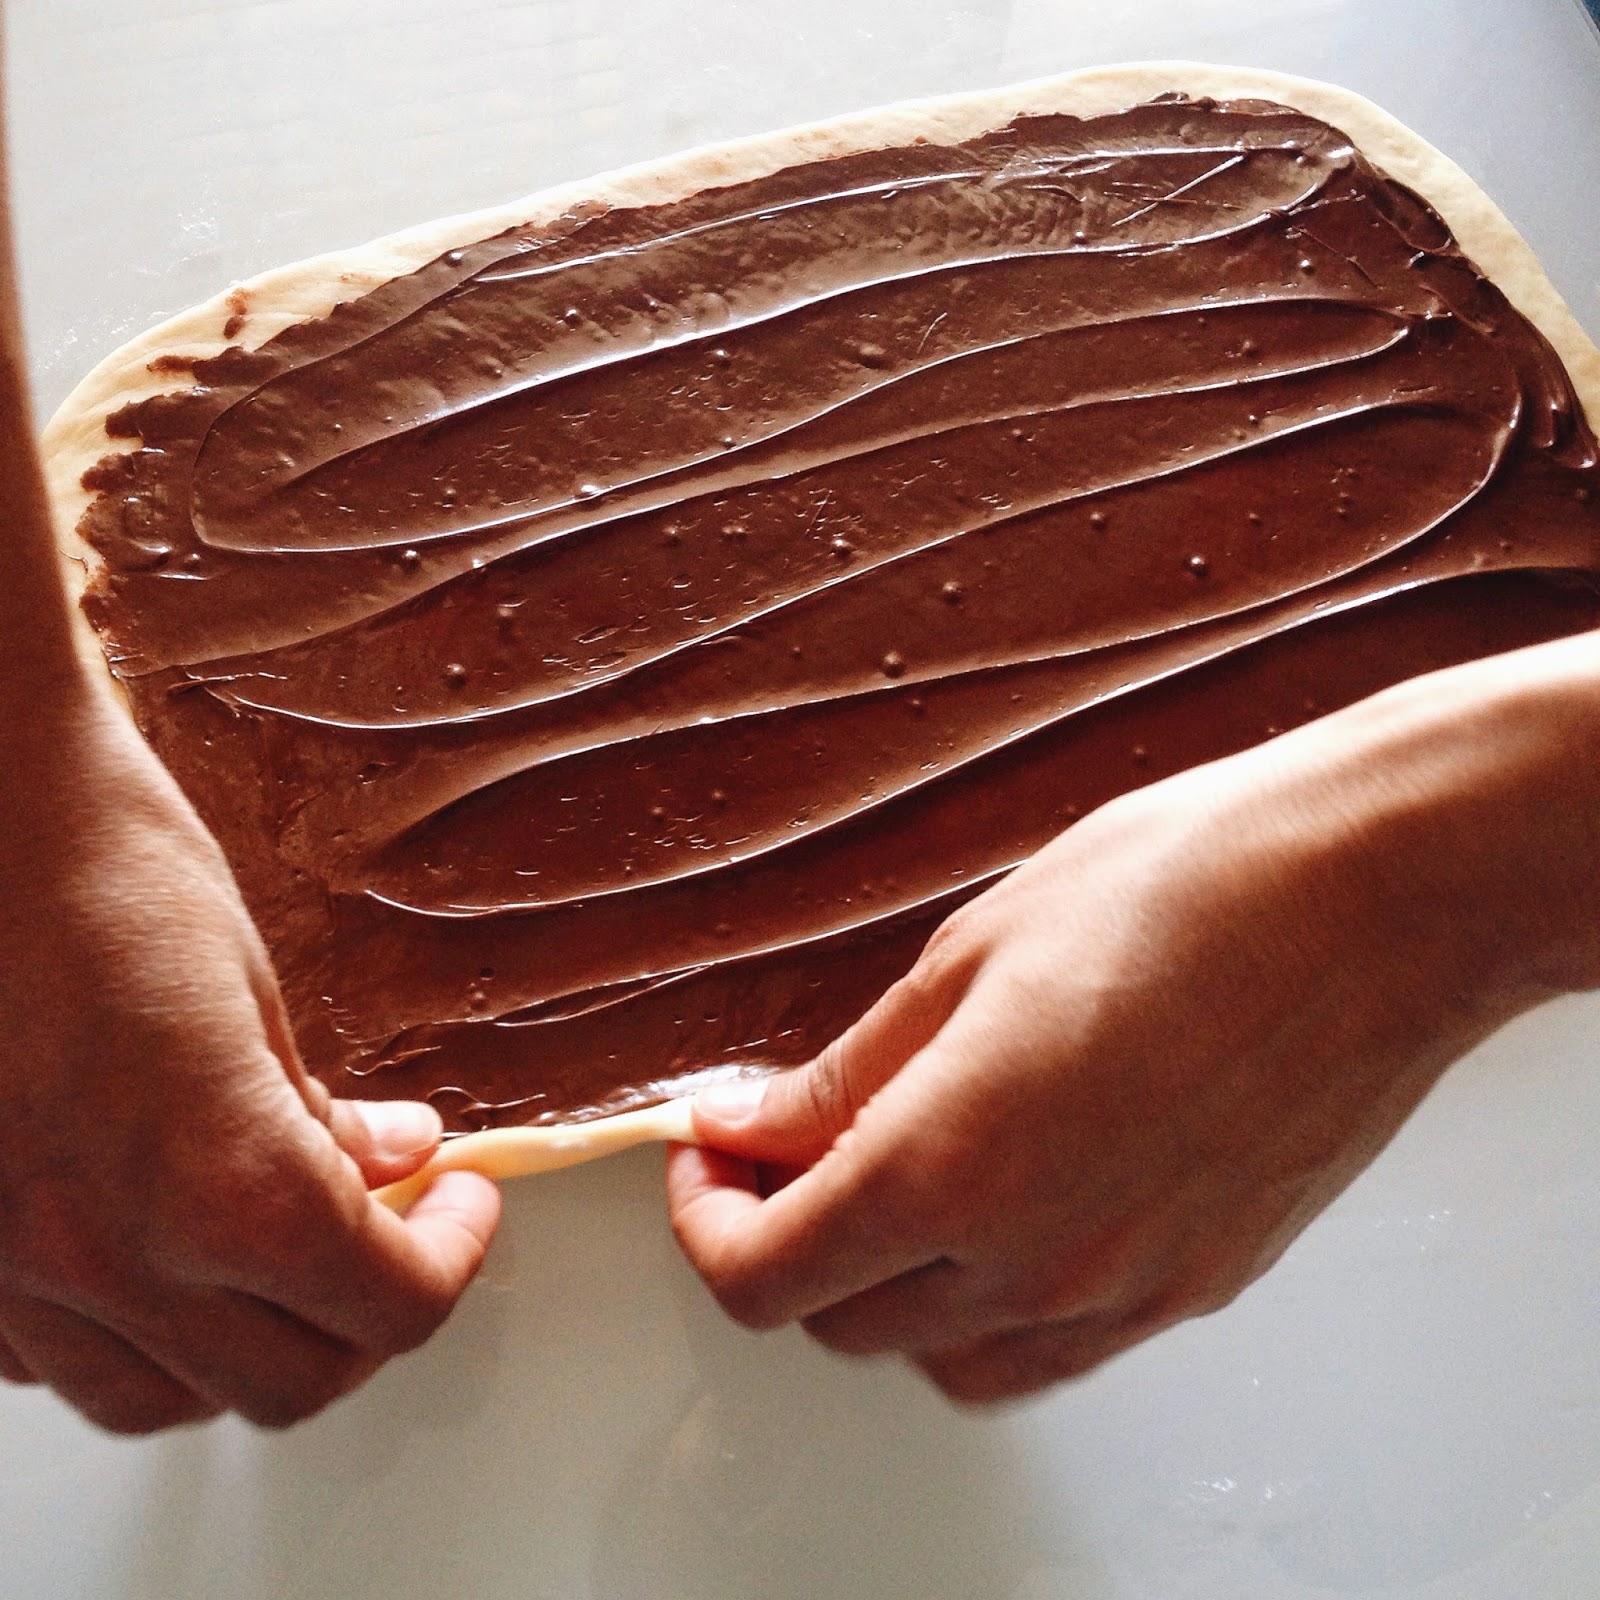 Nutellayı Sadece Ekmeğe Mi Sürüyorsunuz